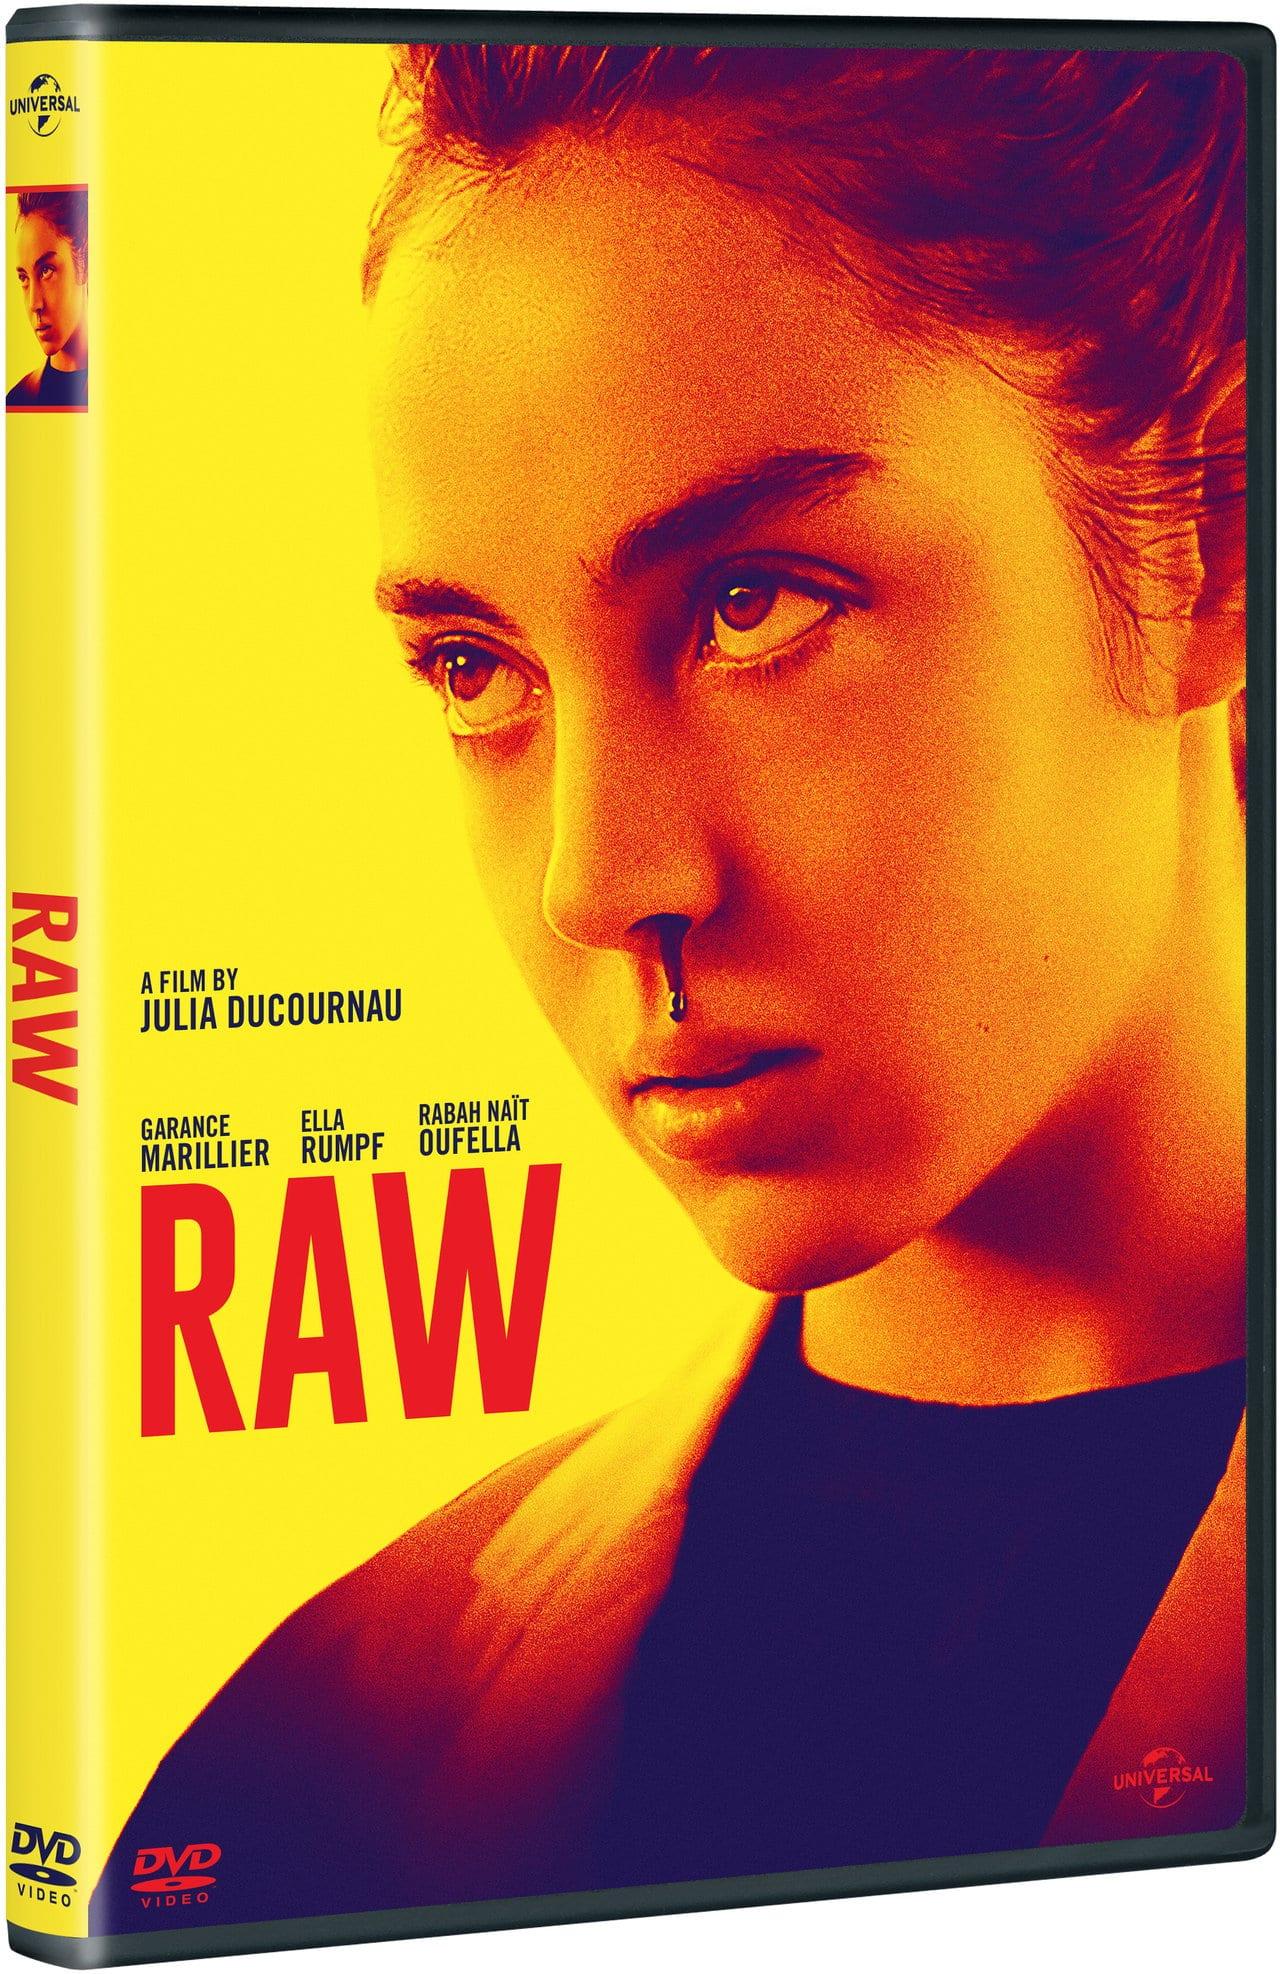 Lo Scandalo Della Collana Film raw - una crudele verità: arriva in dvd il film scandalo di